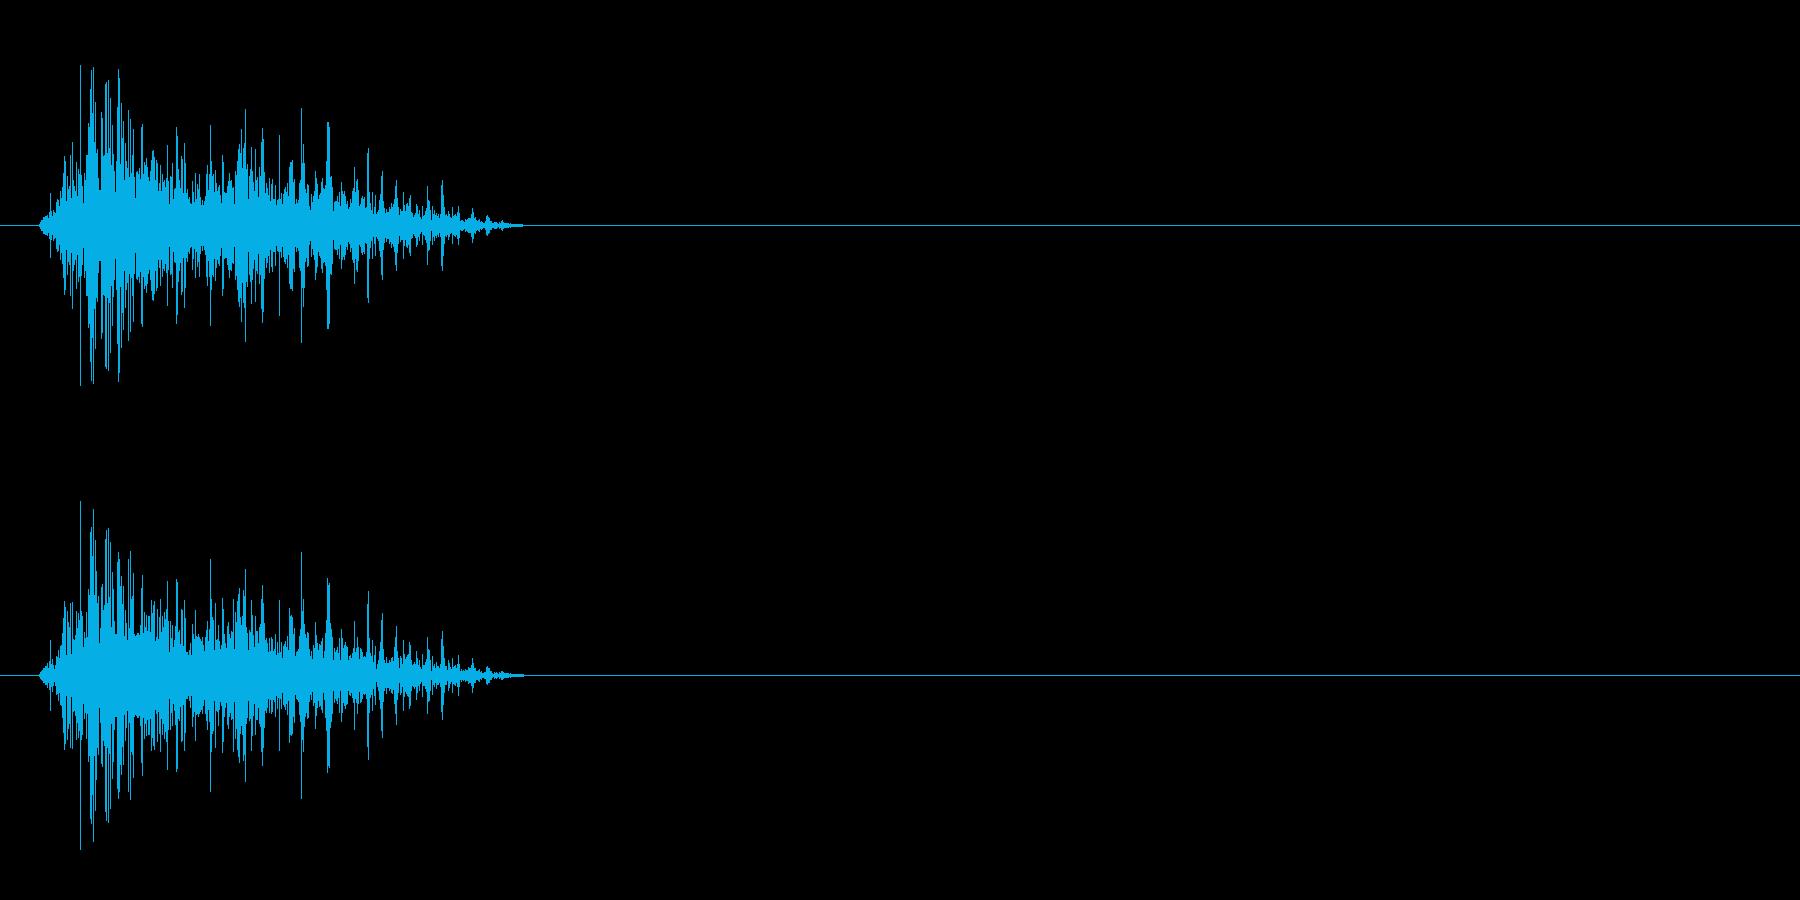 モンスター発声 2 の再生済みの波形